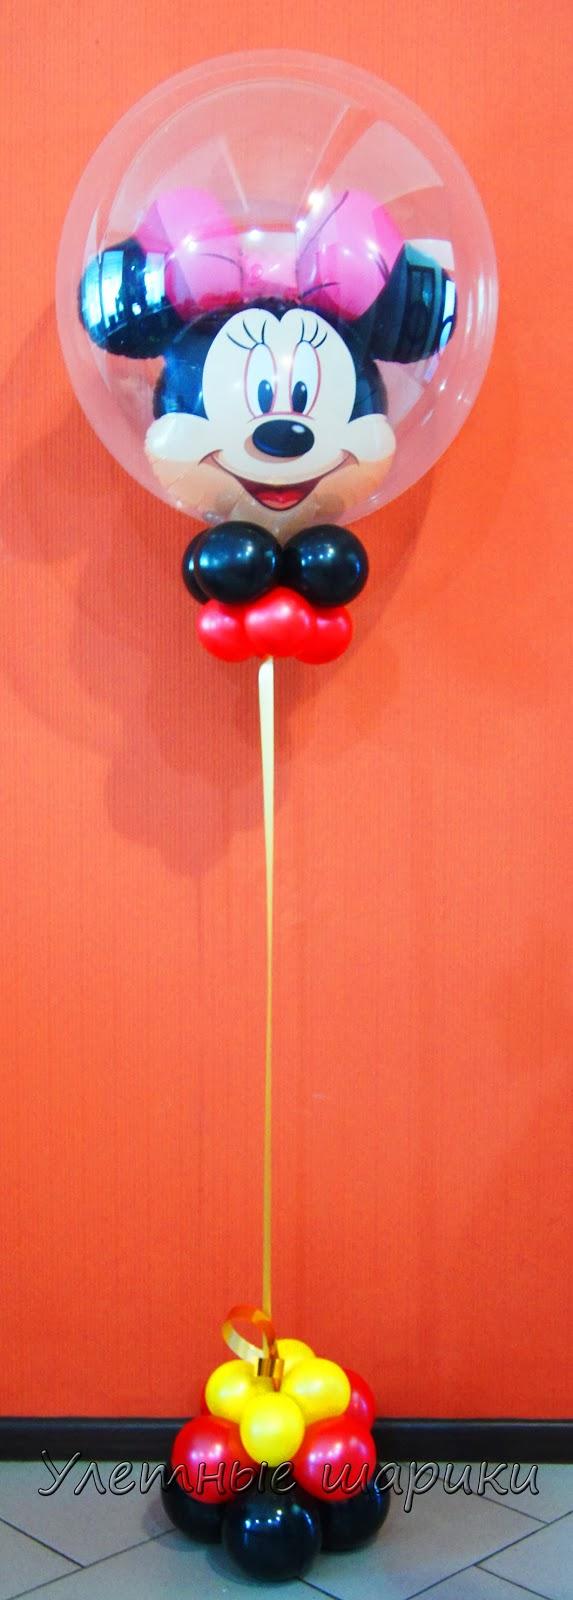 Композиция из воздушных шаров с Минни Маус